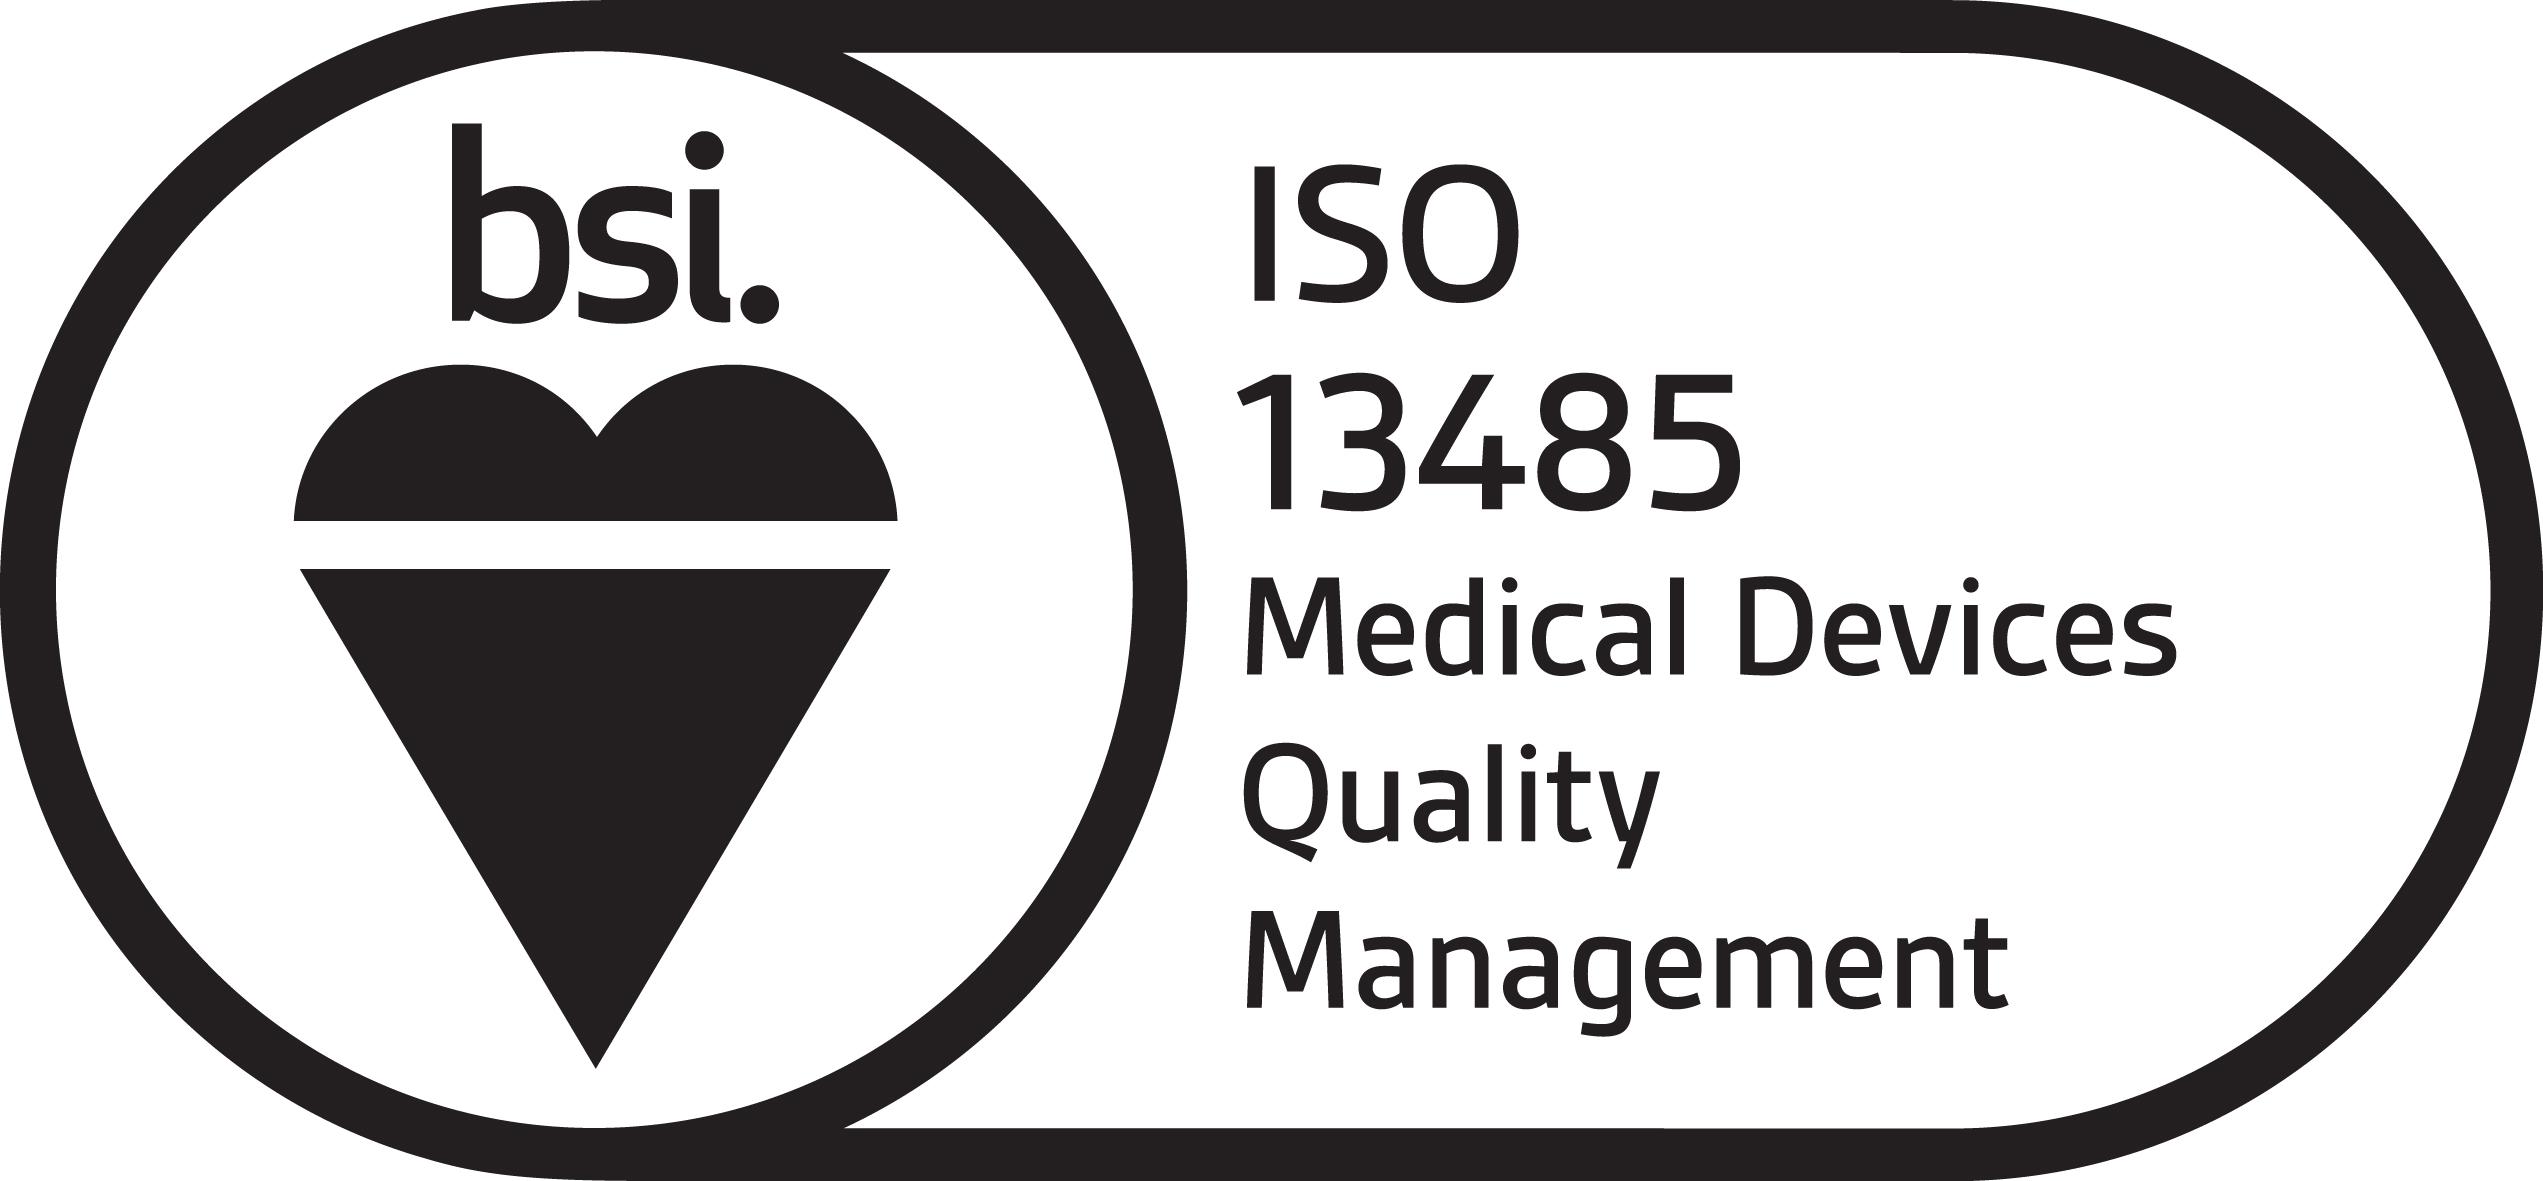 BSI-Assurance-Mark-ISO-13485-KEYB